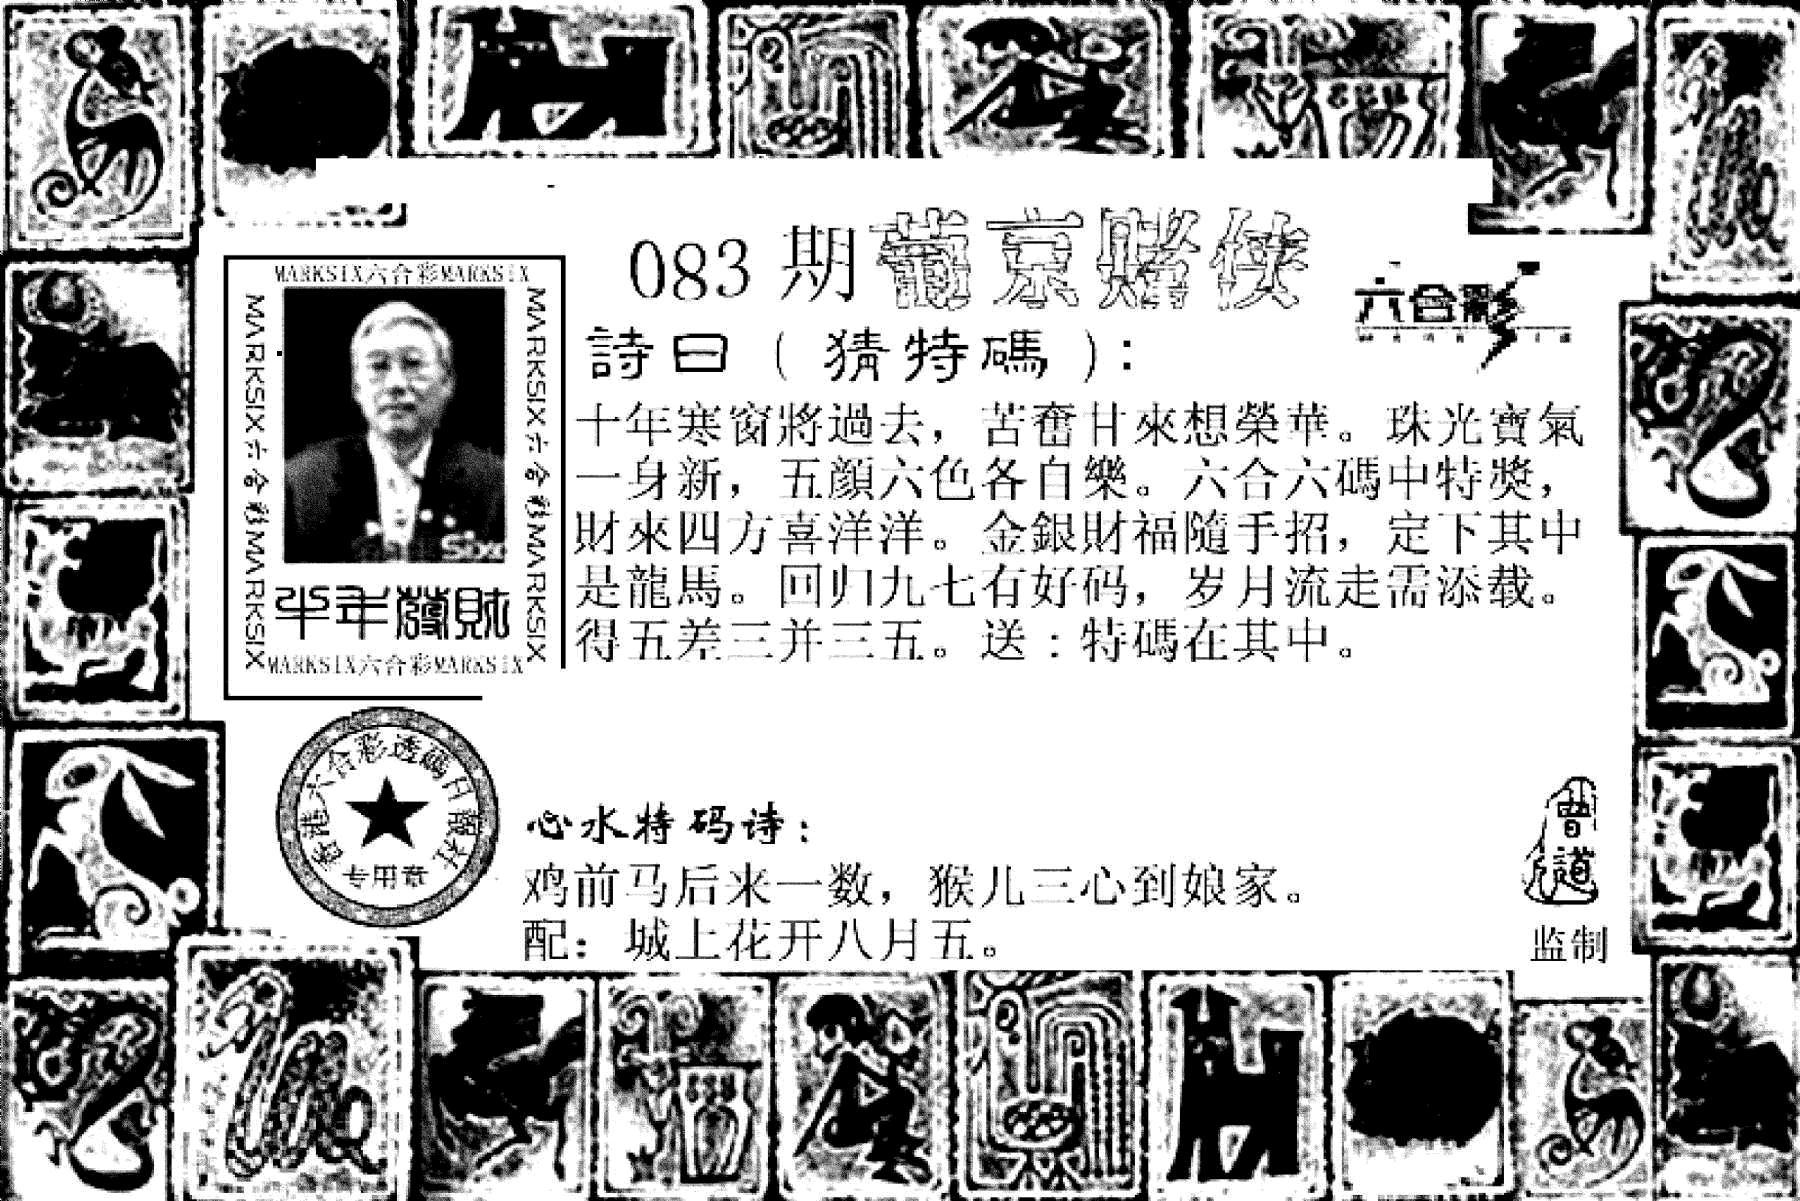 083期葡京赌侠(新)(黑白)